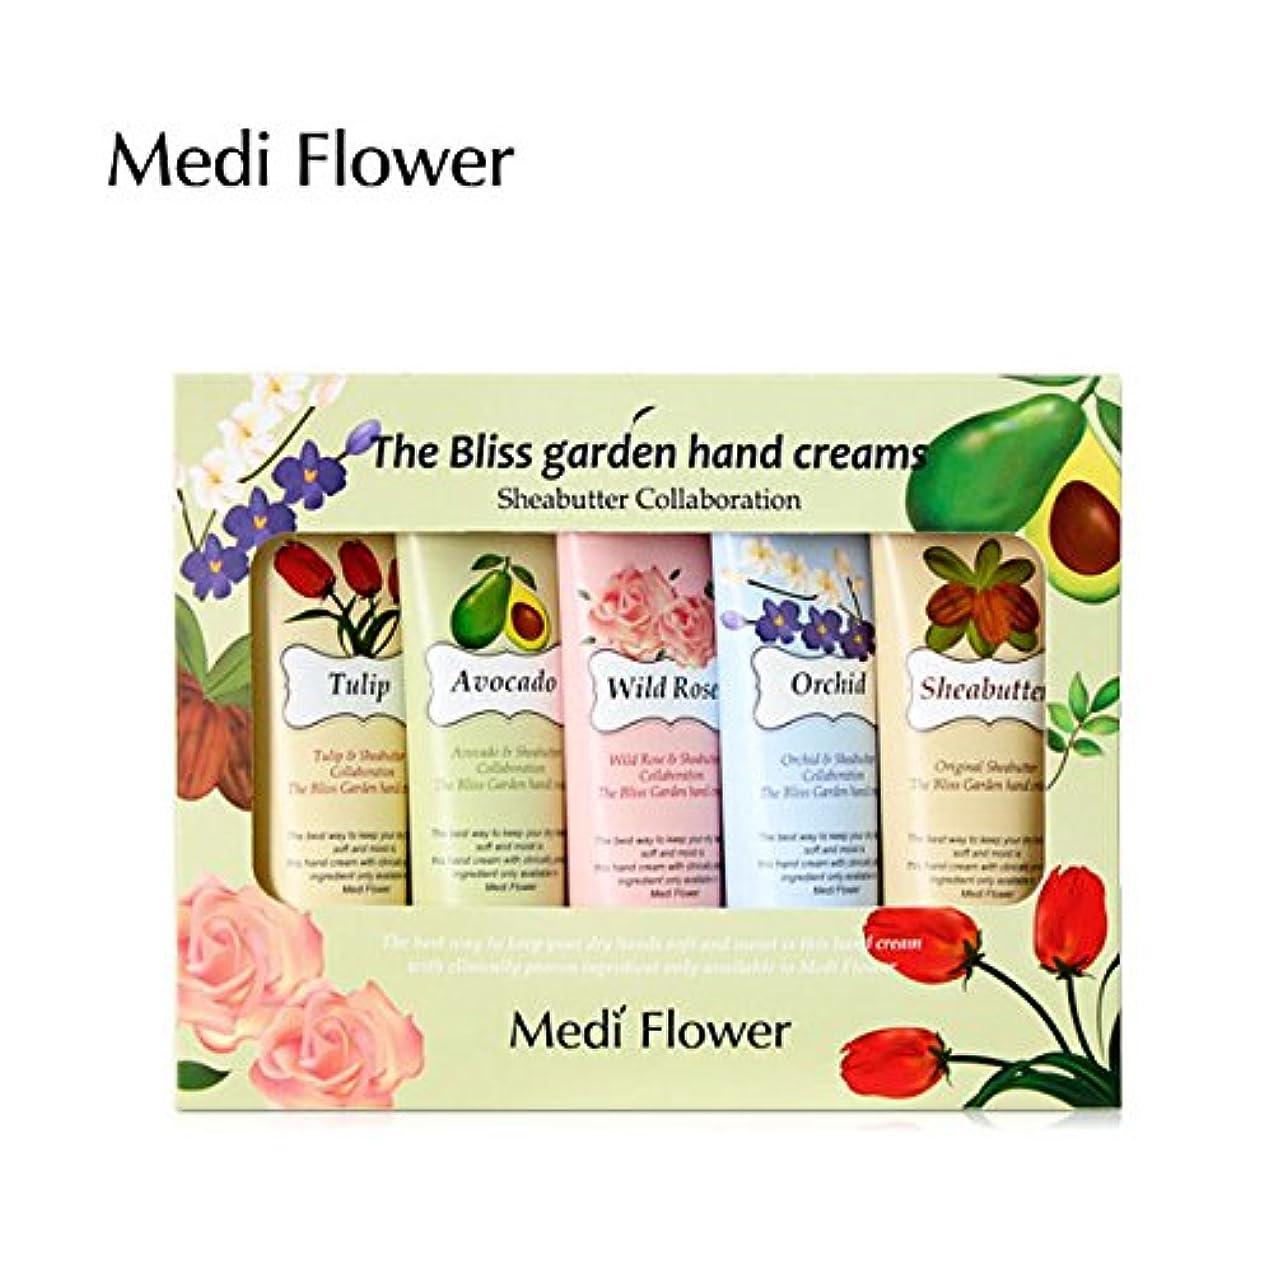 エンコミウムミュートくさび[MediFlower] ザ?ブリスガーデン?ハンドクリーム?シアバターコラボレーション 50g x 5個セット / The Bliss Garden Hand Creams (Sheabutter Collaboration)